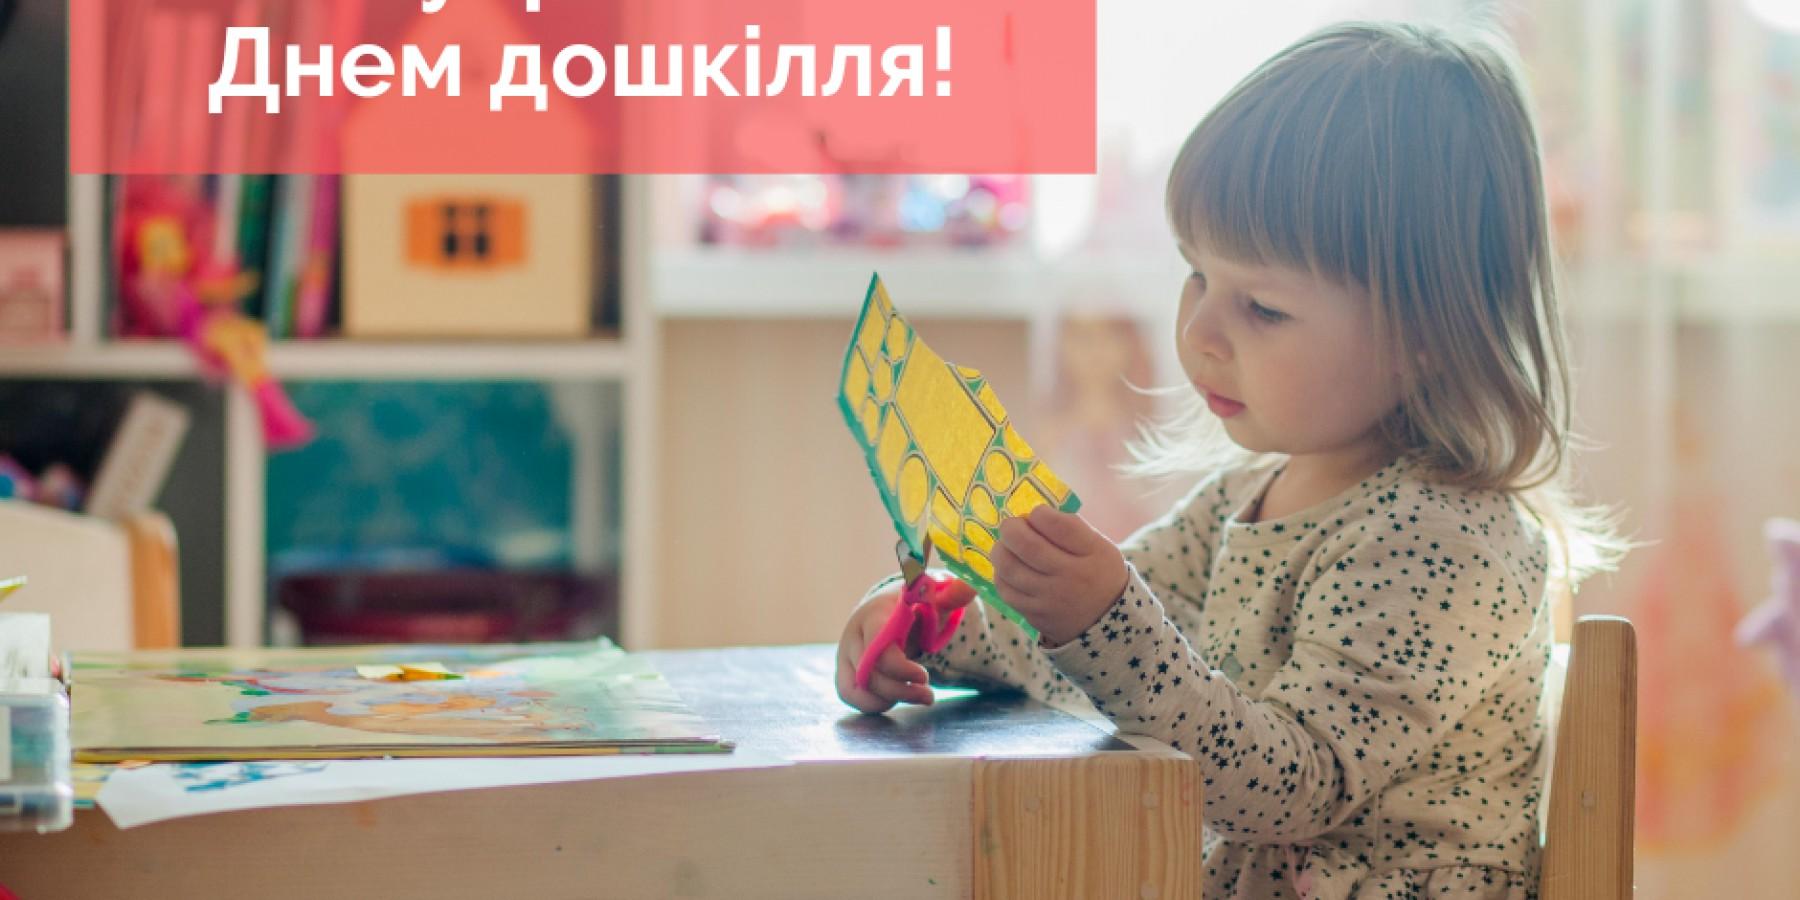 З Всеукраїнським днем дошкілля!